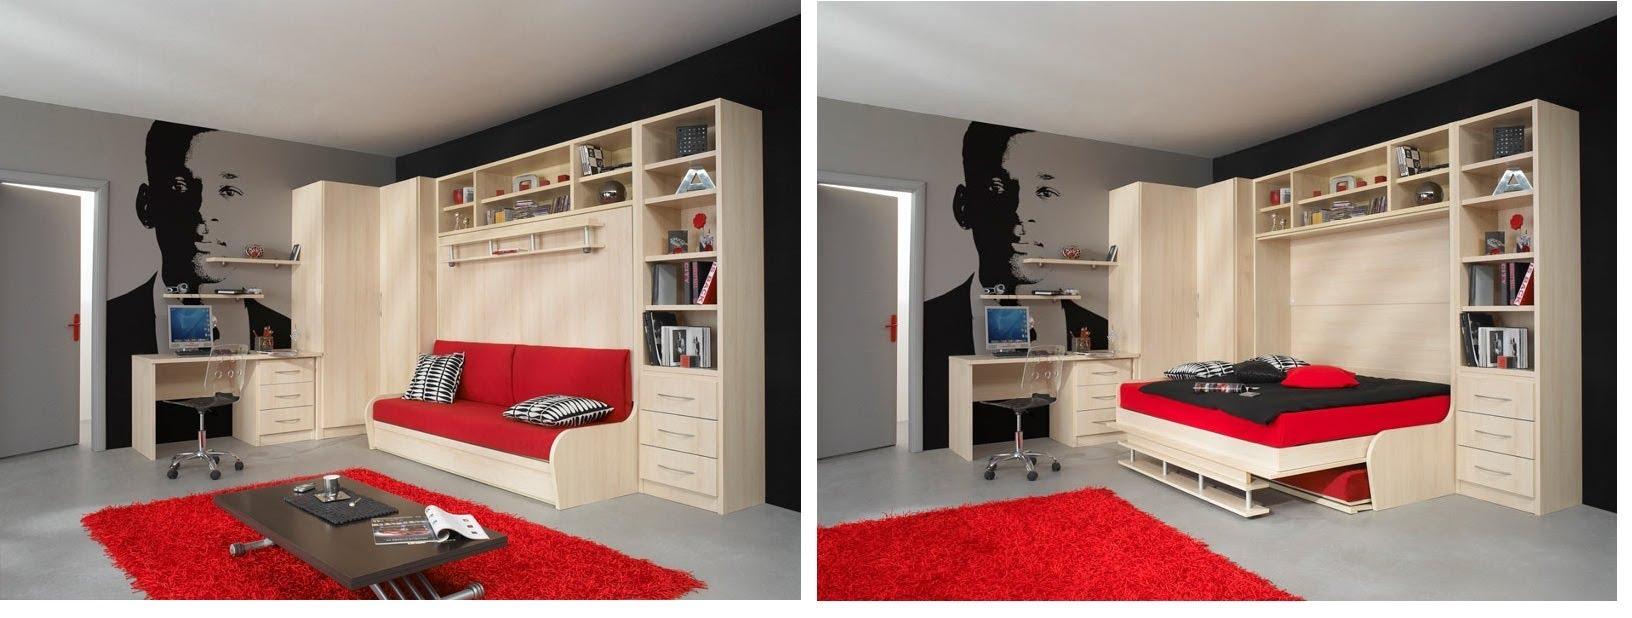 Скрытый вариант мебели для сна